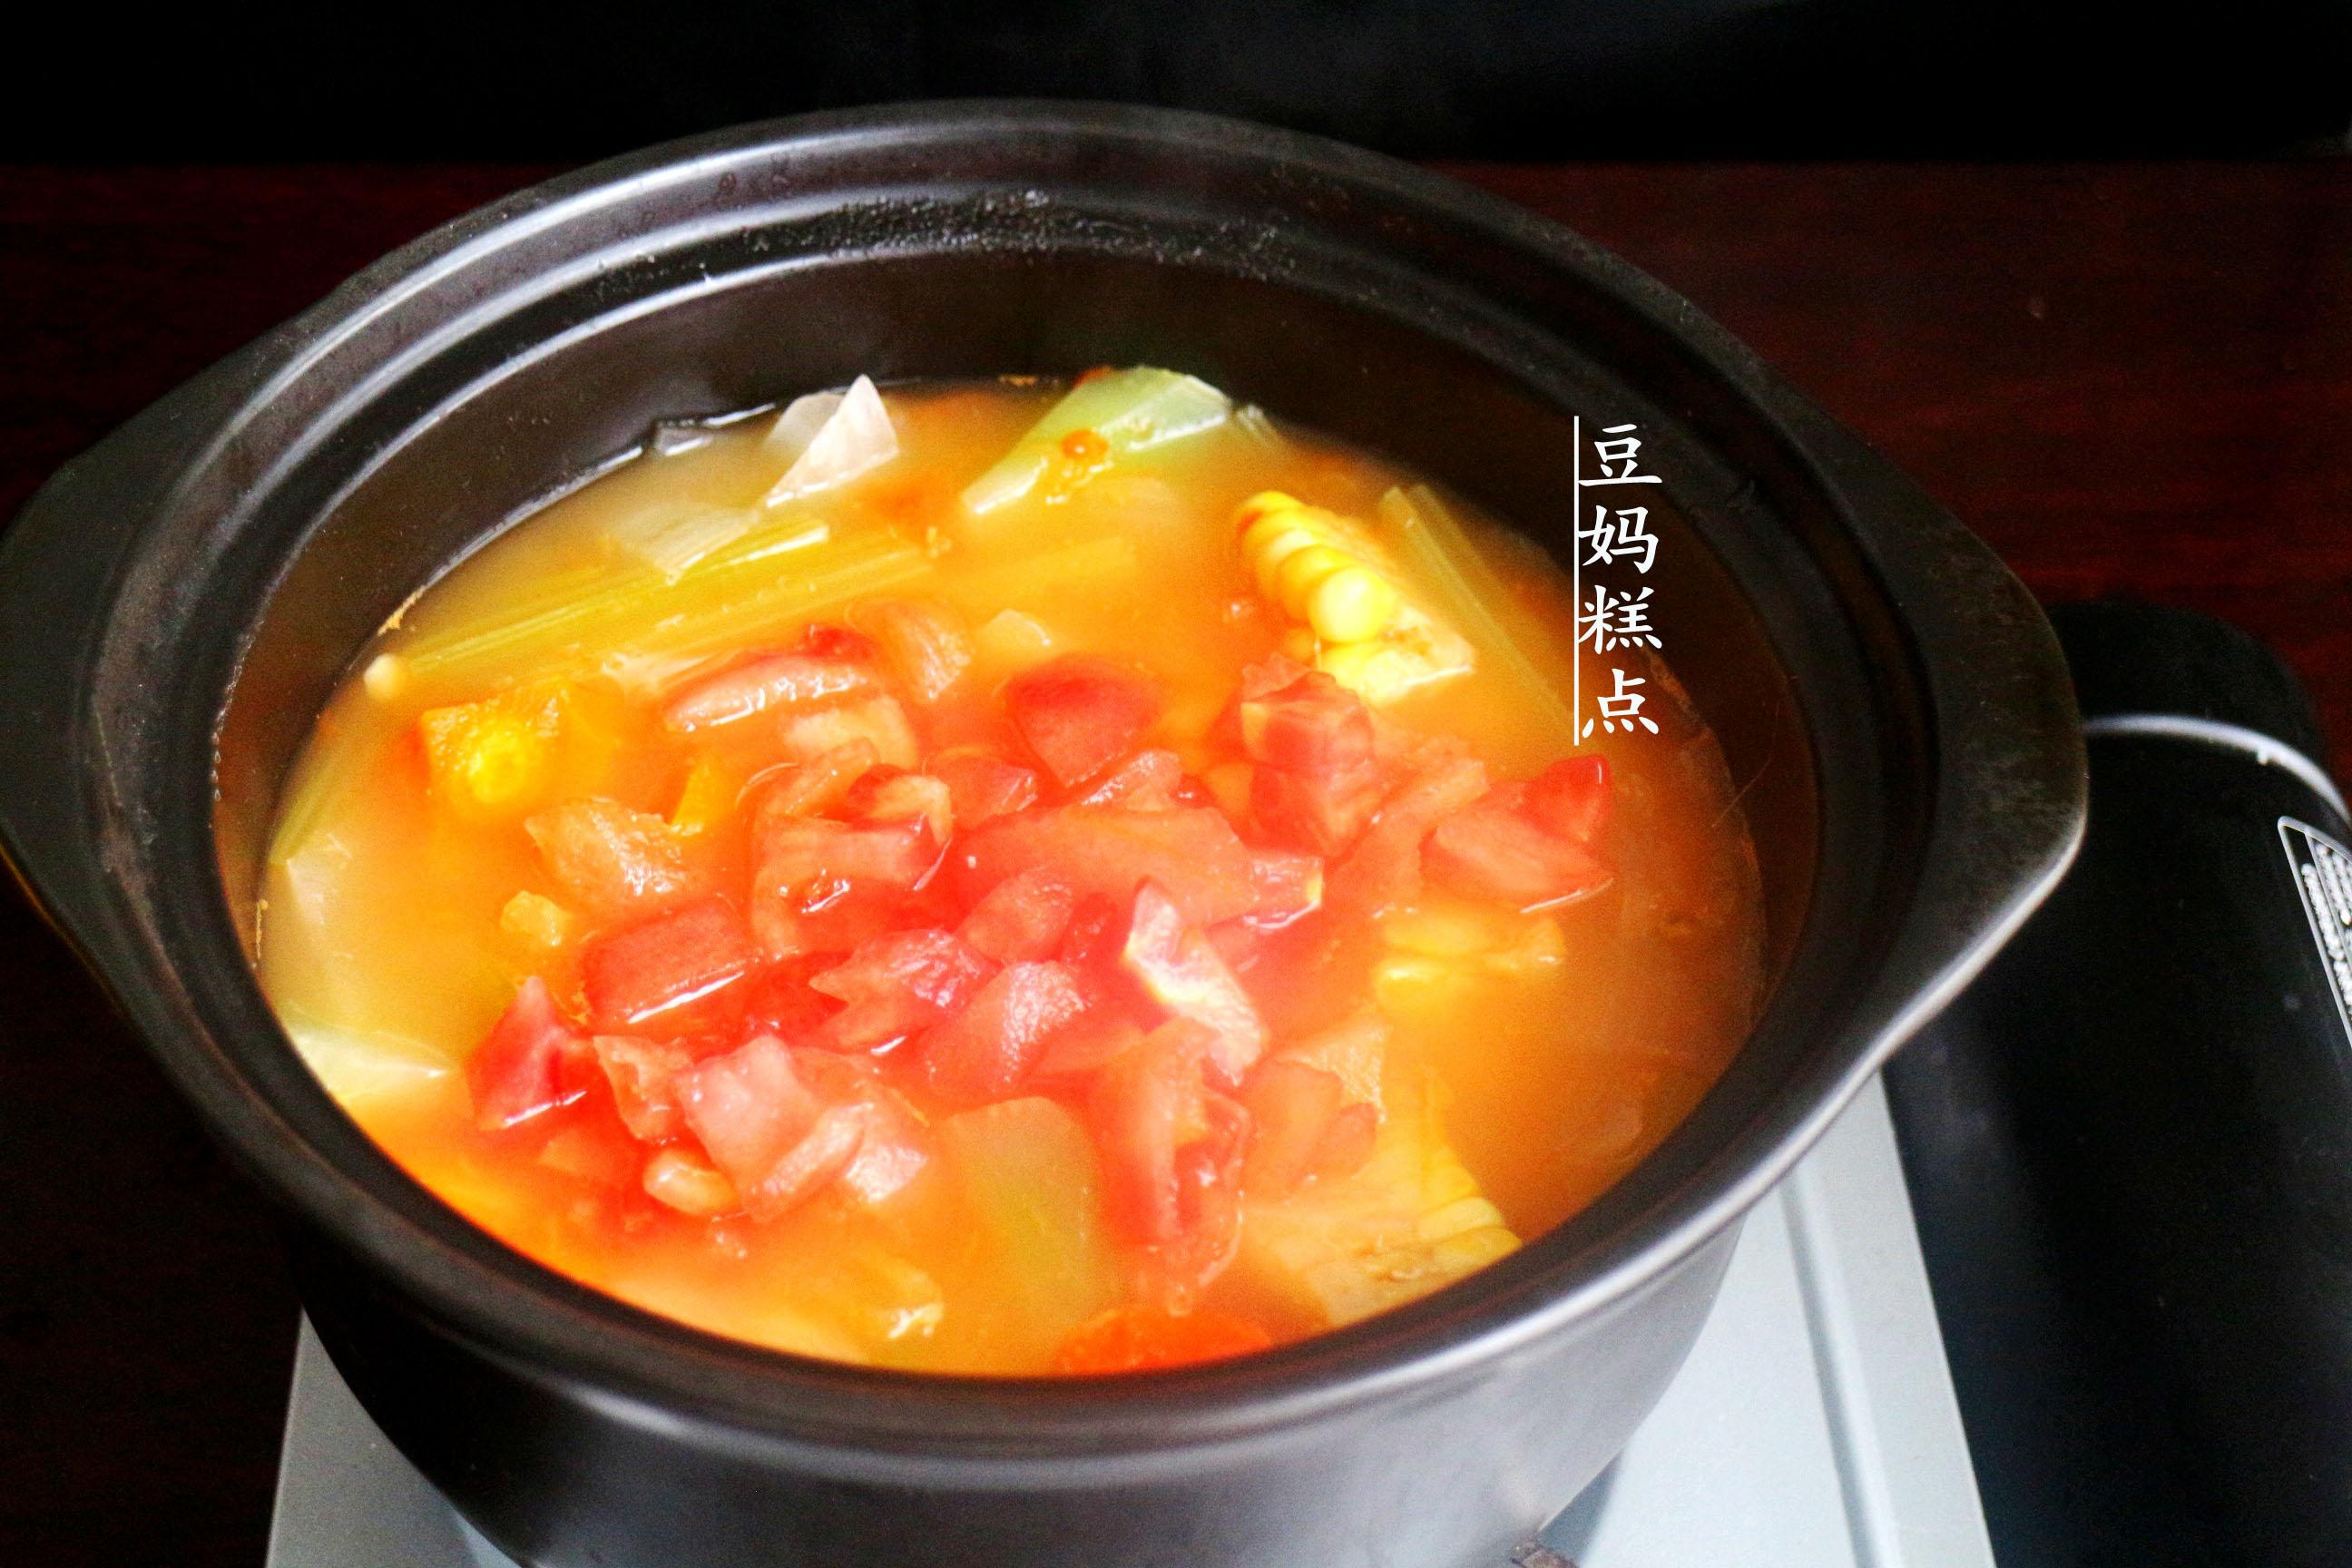 学做瘦身蔬菜汤,健康瘦身,营养不缺 减肥菜谱 第8张